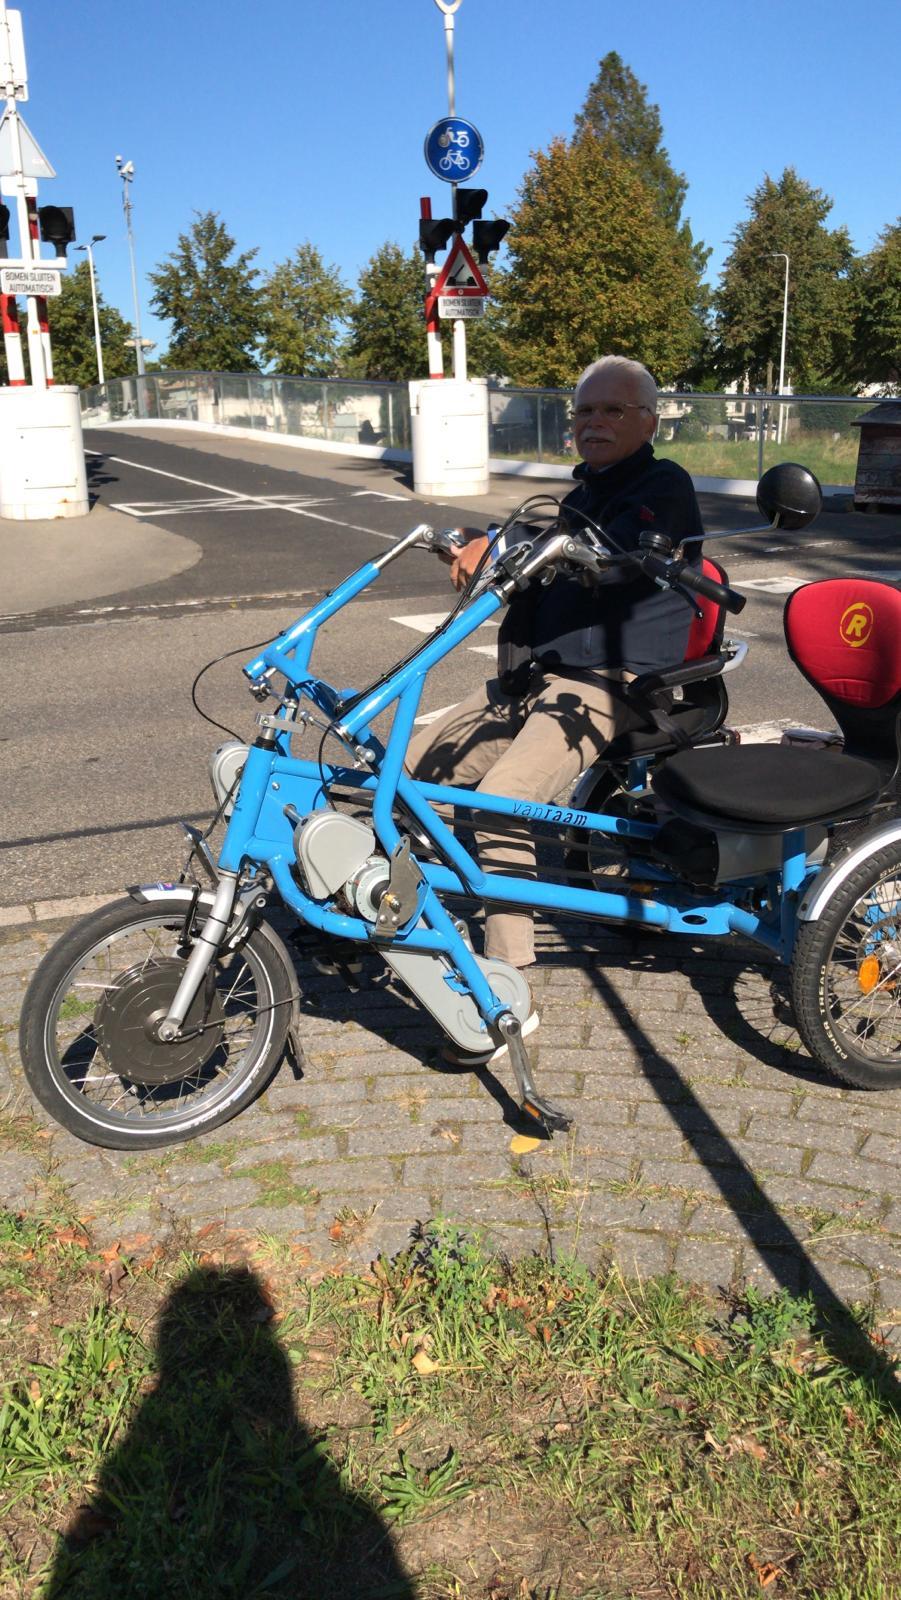 190921-FMLLd-wachten-op-de-fietsen-uit-de-Merenwijk-Marjo-Lindhout